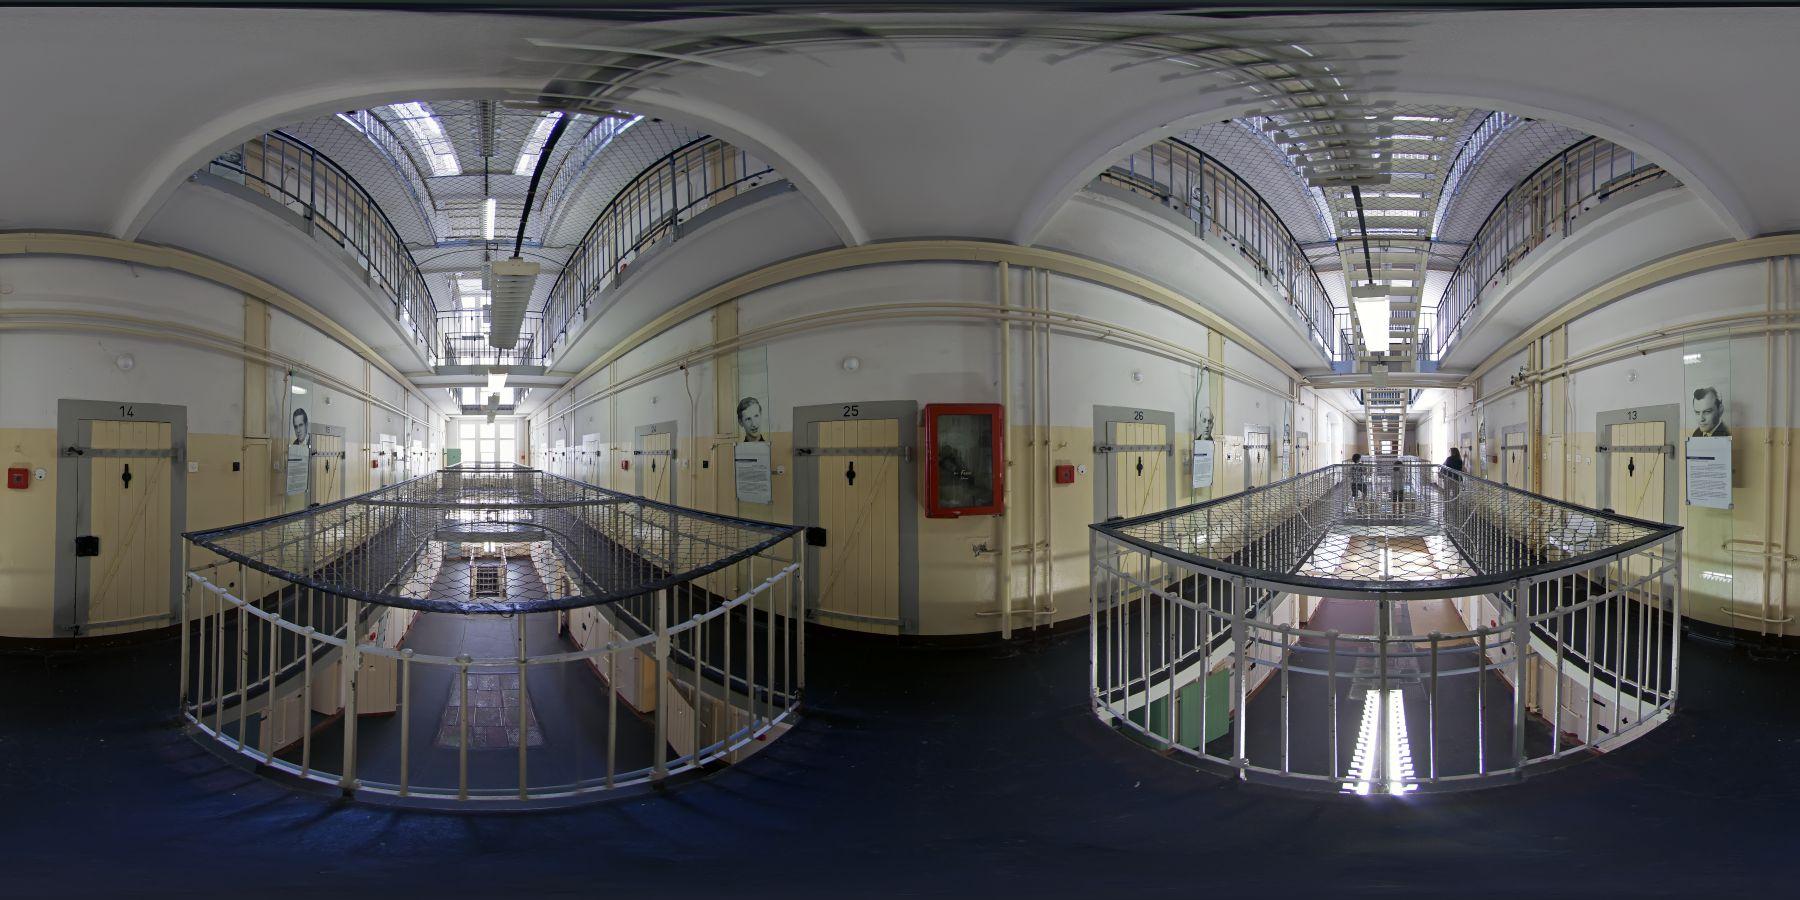 Bautzen Stasi-Knast